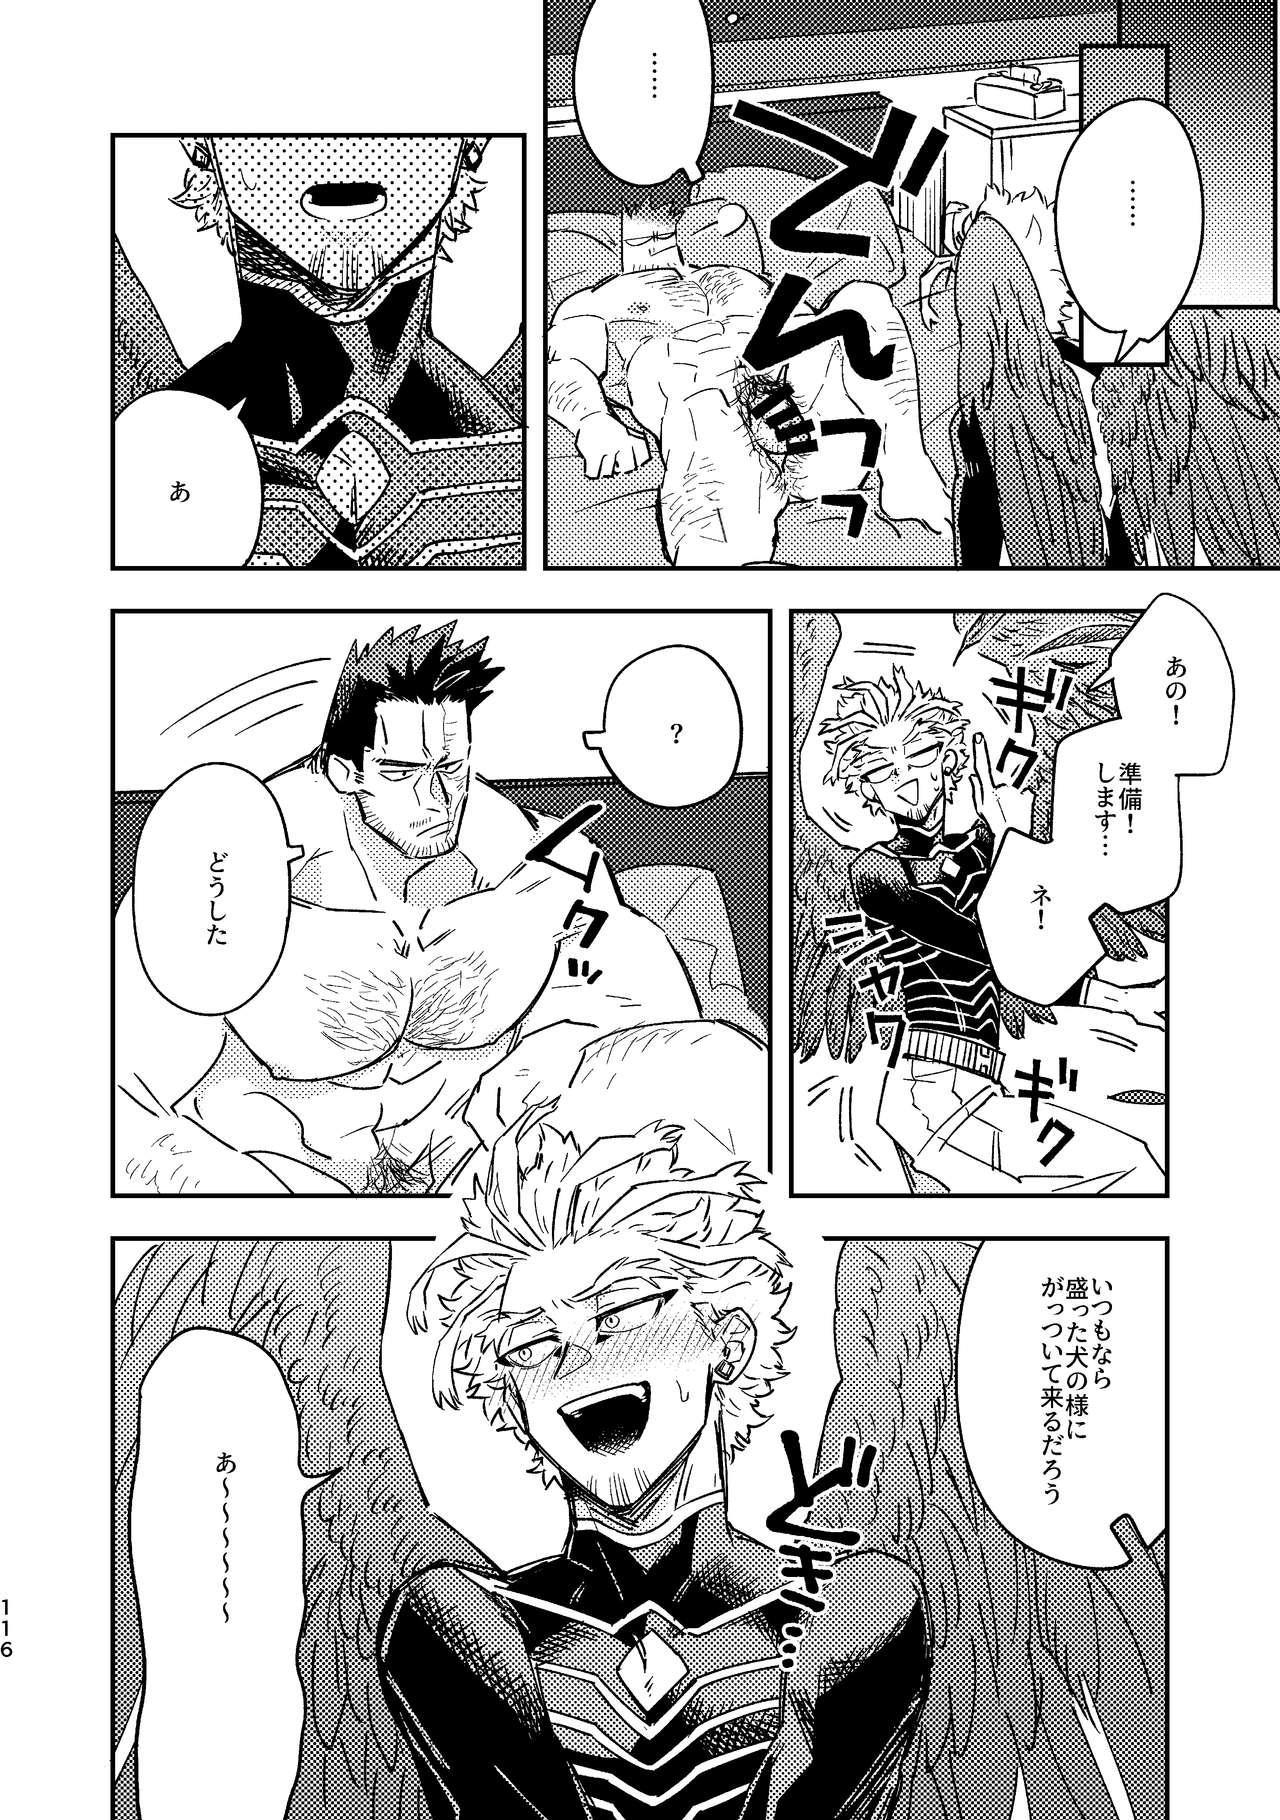 WEB Sairoku Zumi HawEn Manga ga Kami demo Yomeru Hon. 115